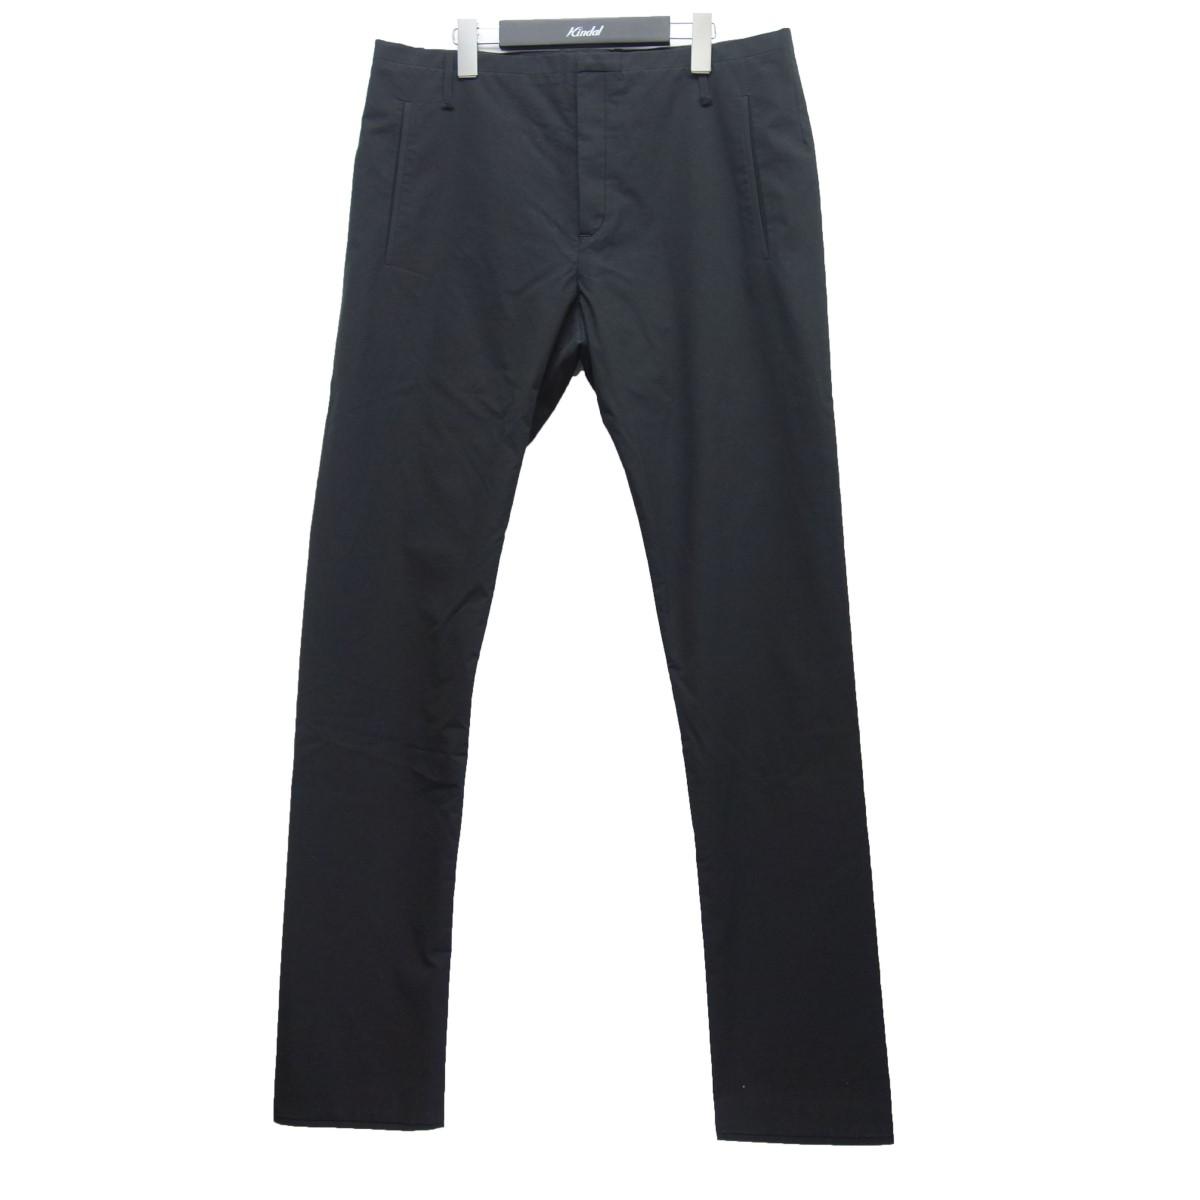 メンズファッション, ズボン・パンツ LABEL UNDER CONSTRUCTION ONE CUT PANTS 50 121220